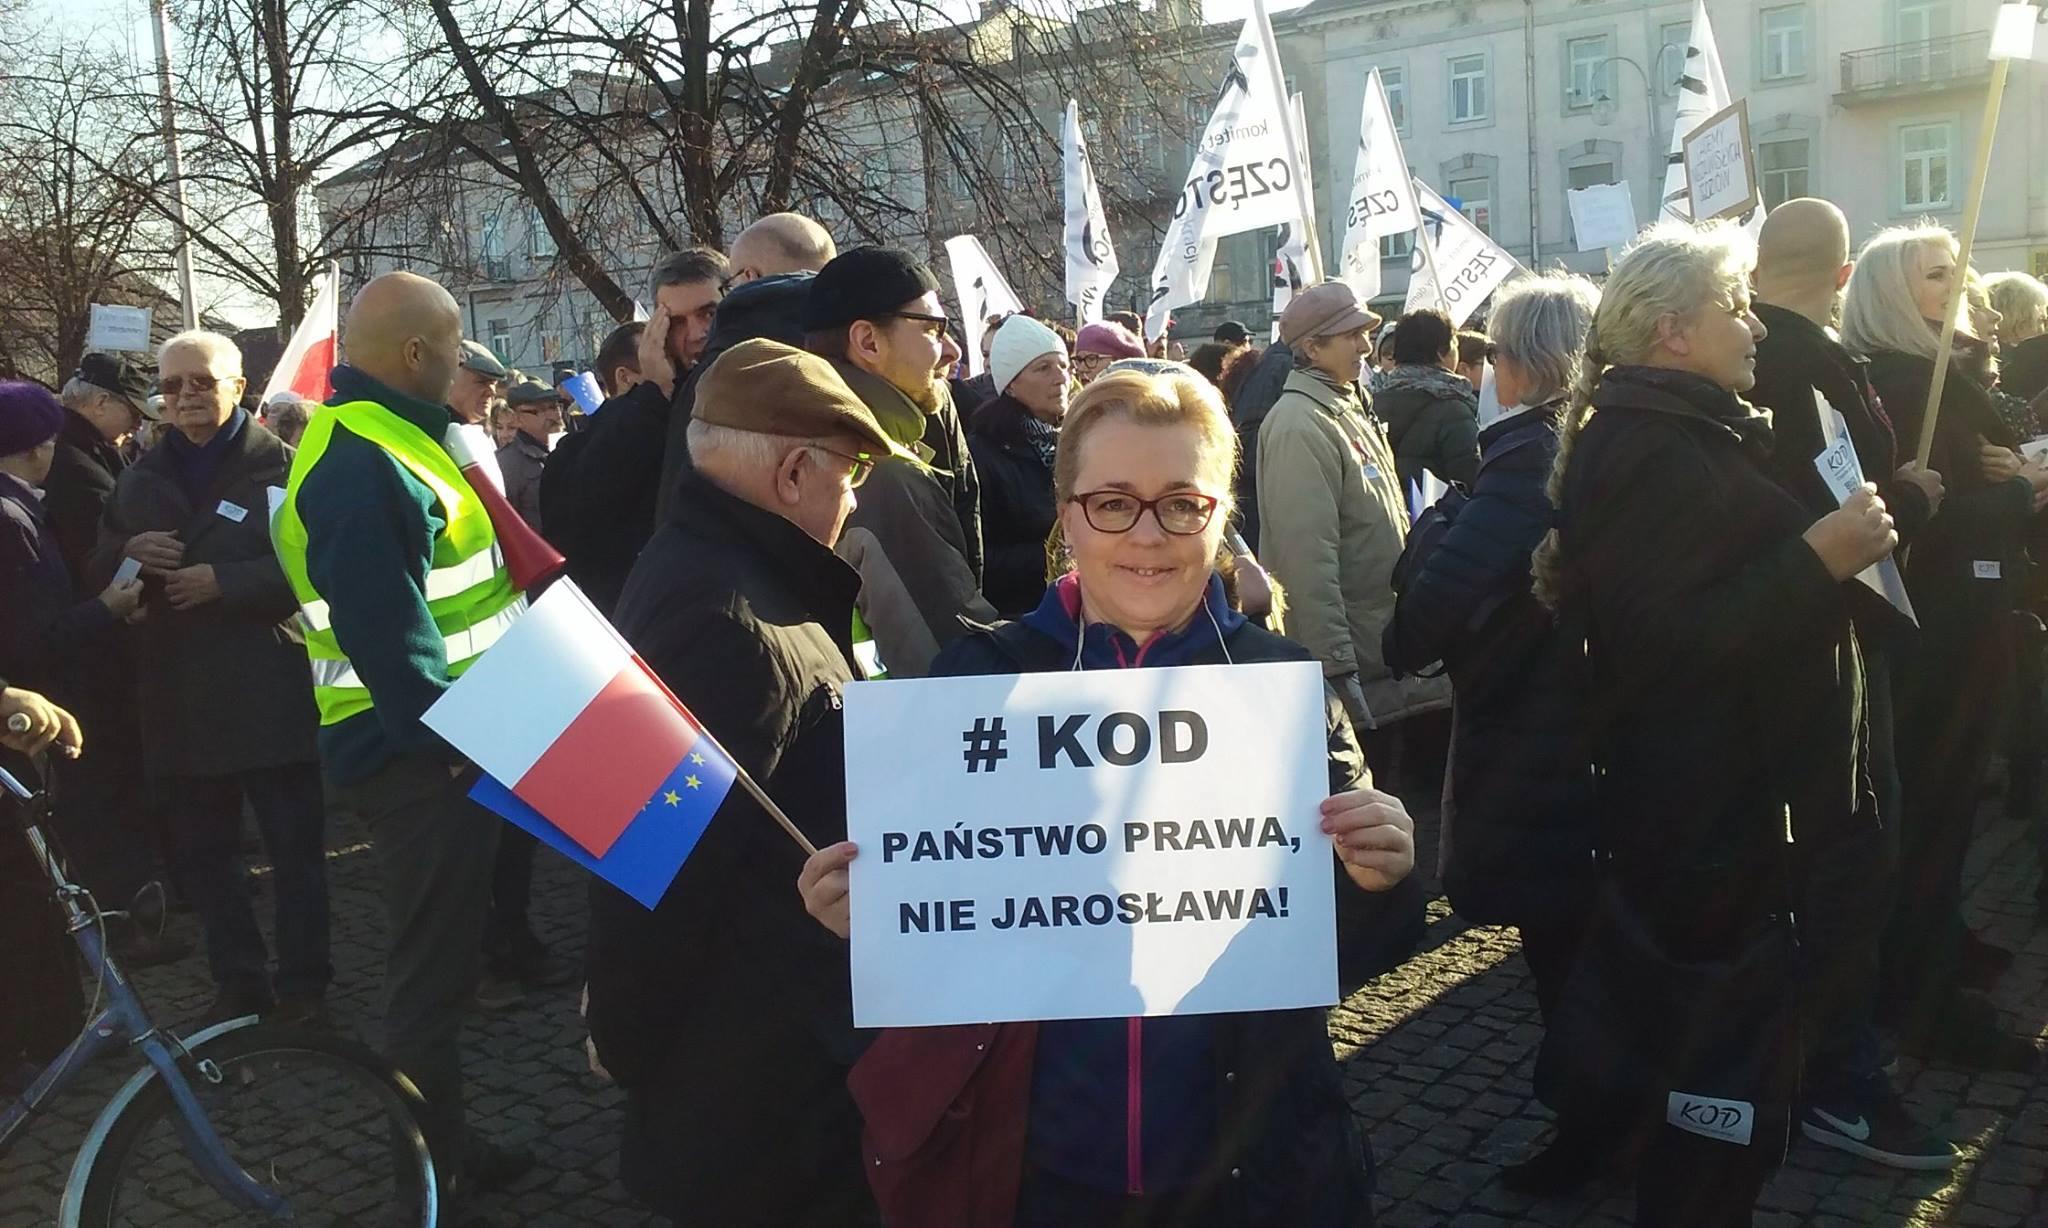 Fot. K. Tulejko